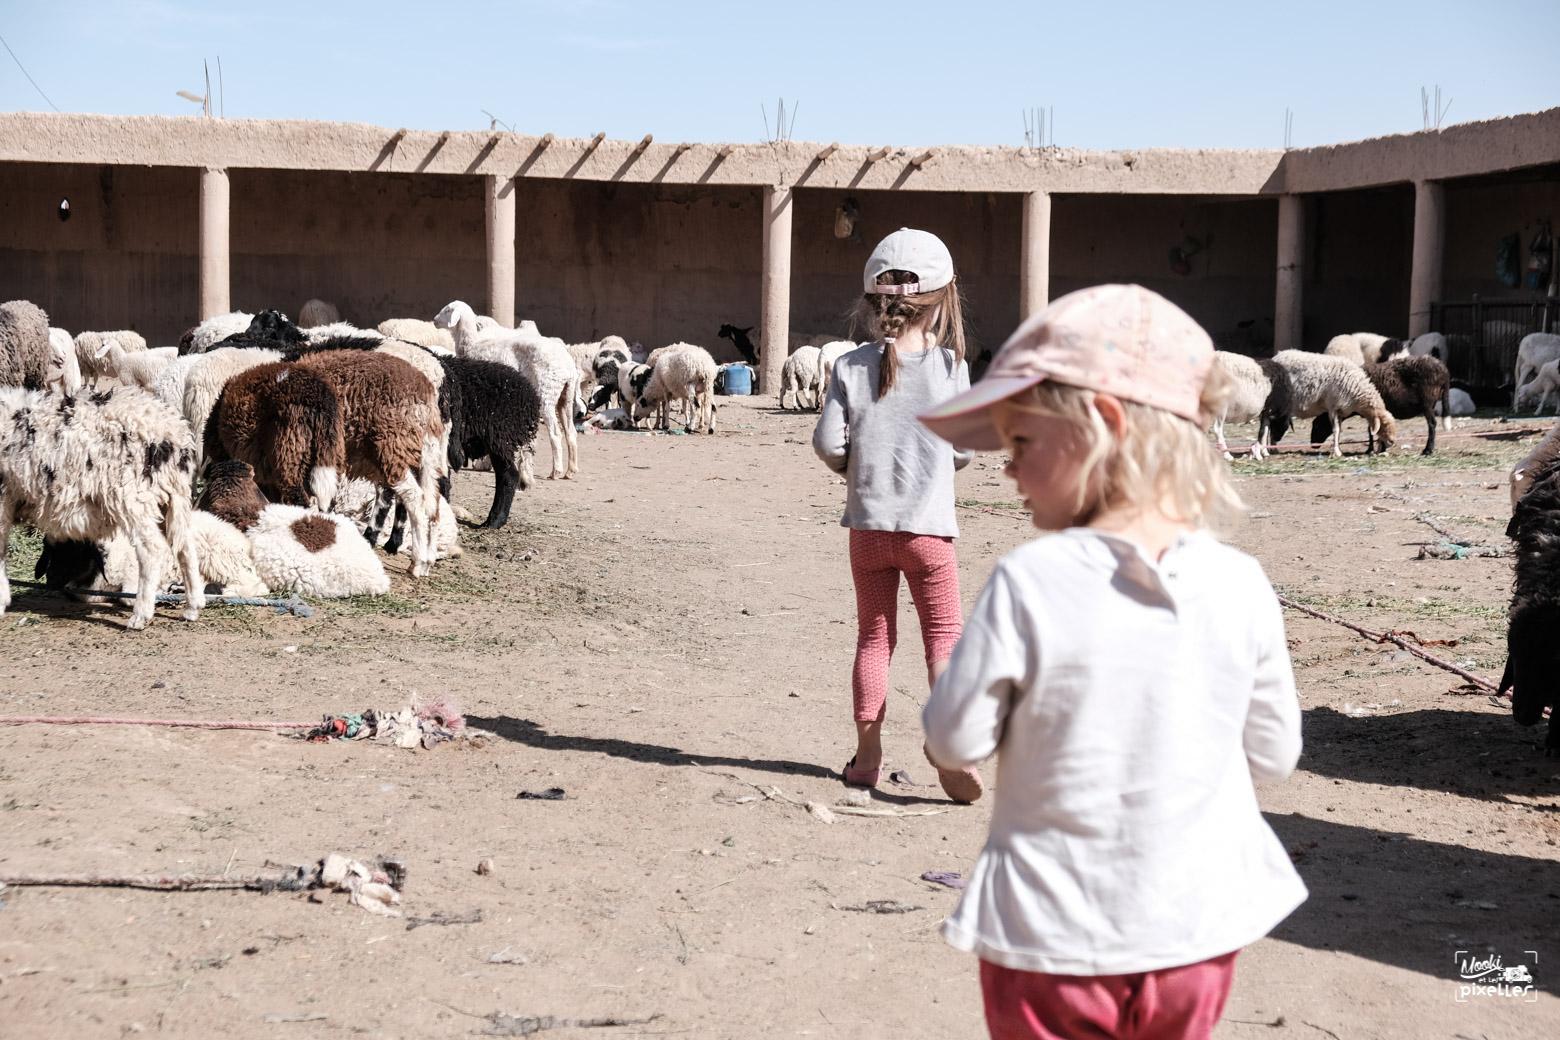 Les filles se retrouvent dans l'endroit des ventes de mouton